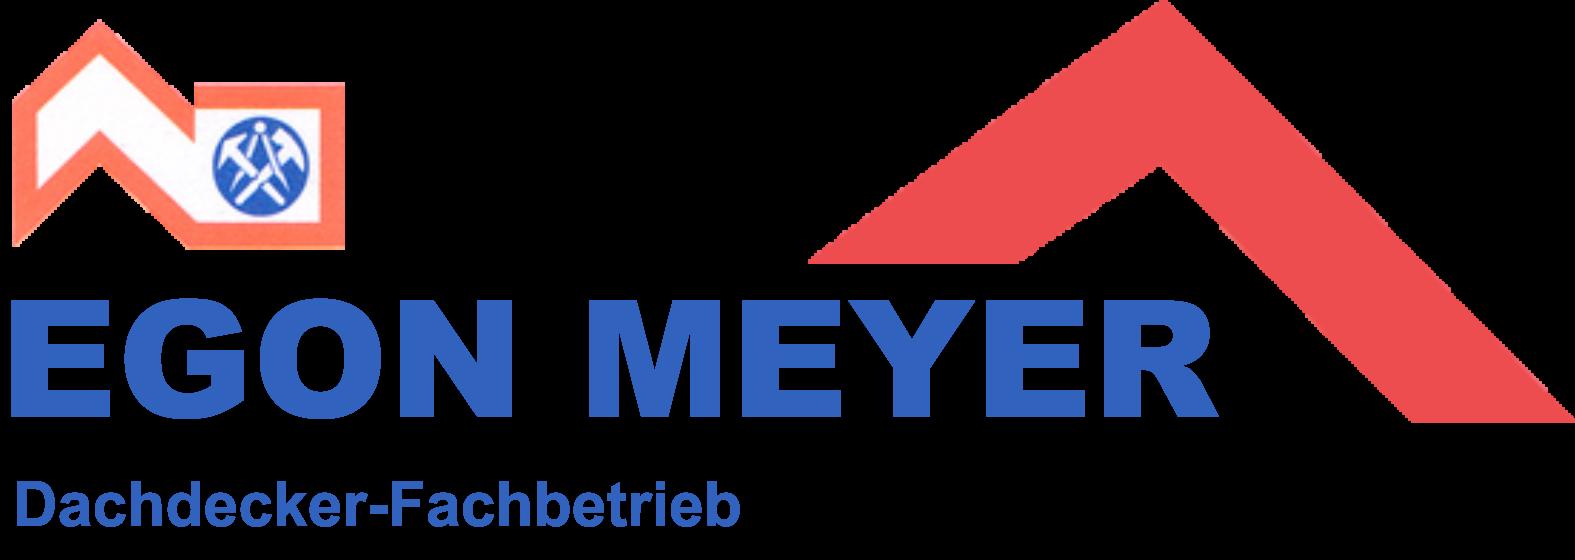 Dachdeckerbetrieb Egon Meyer